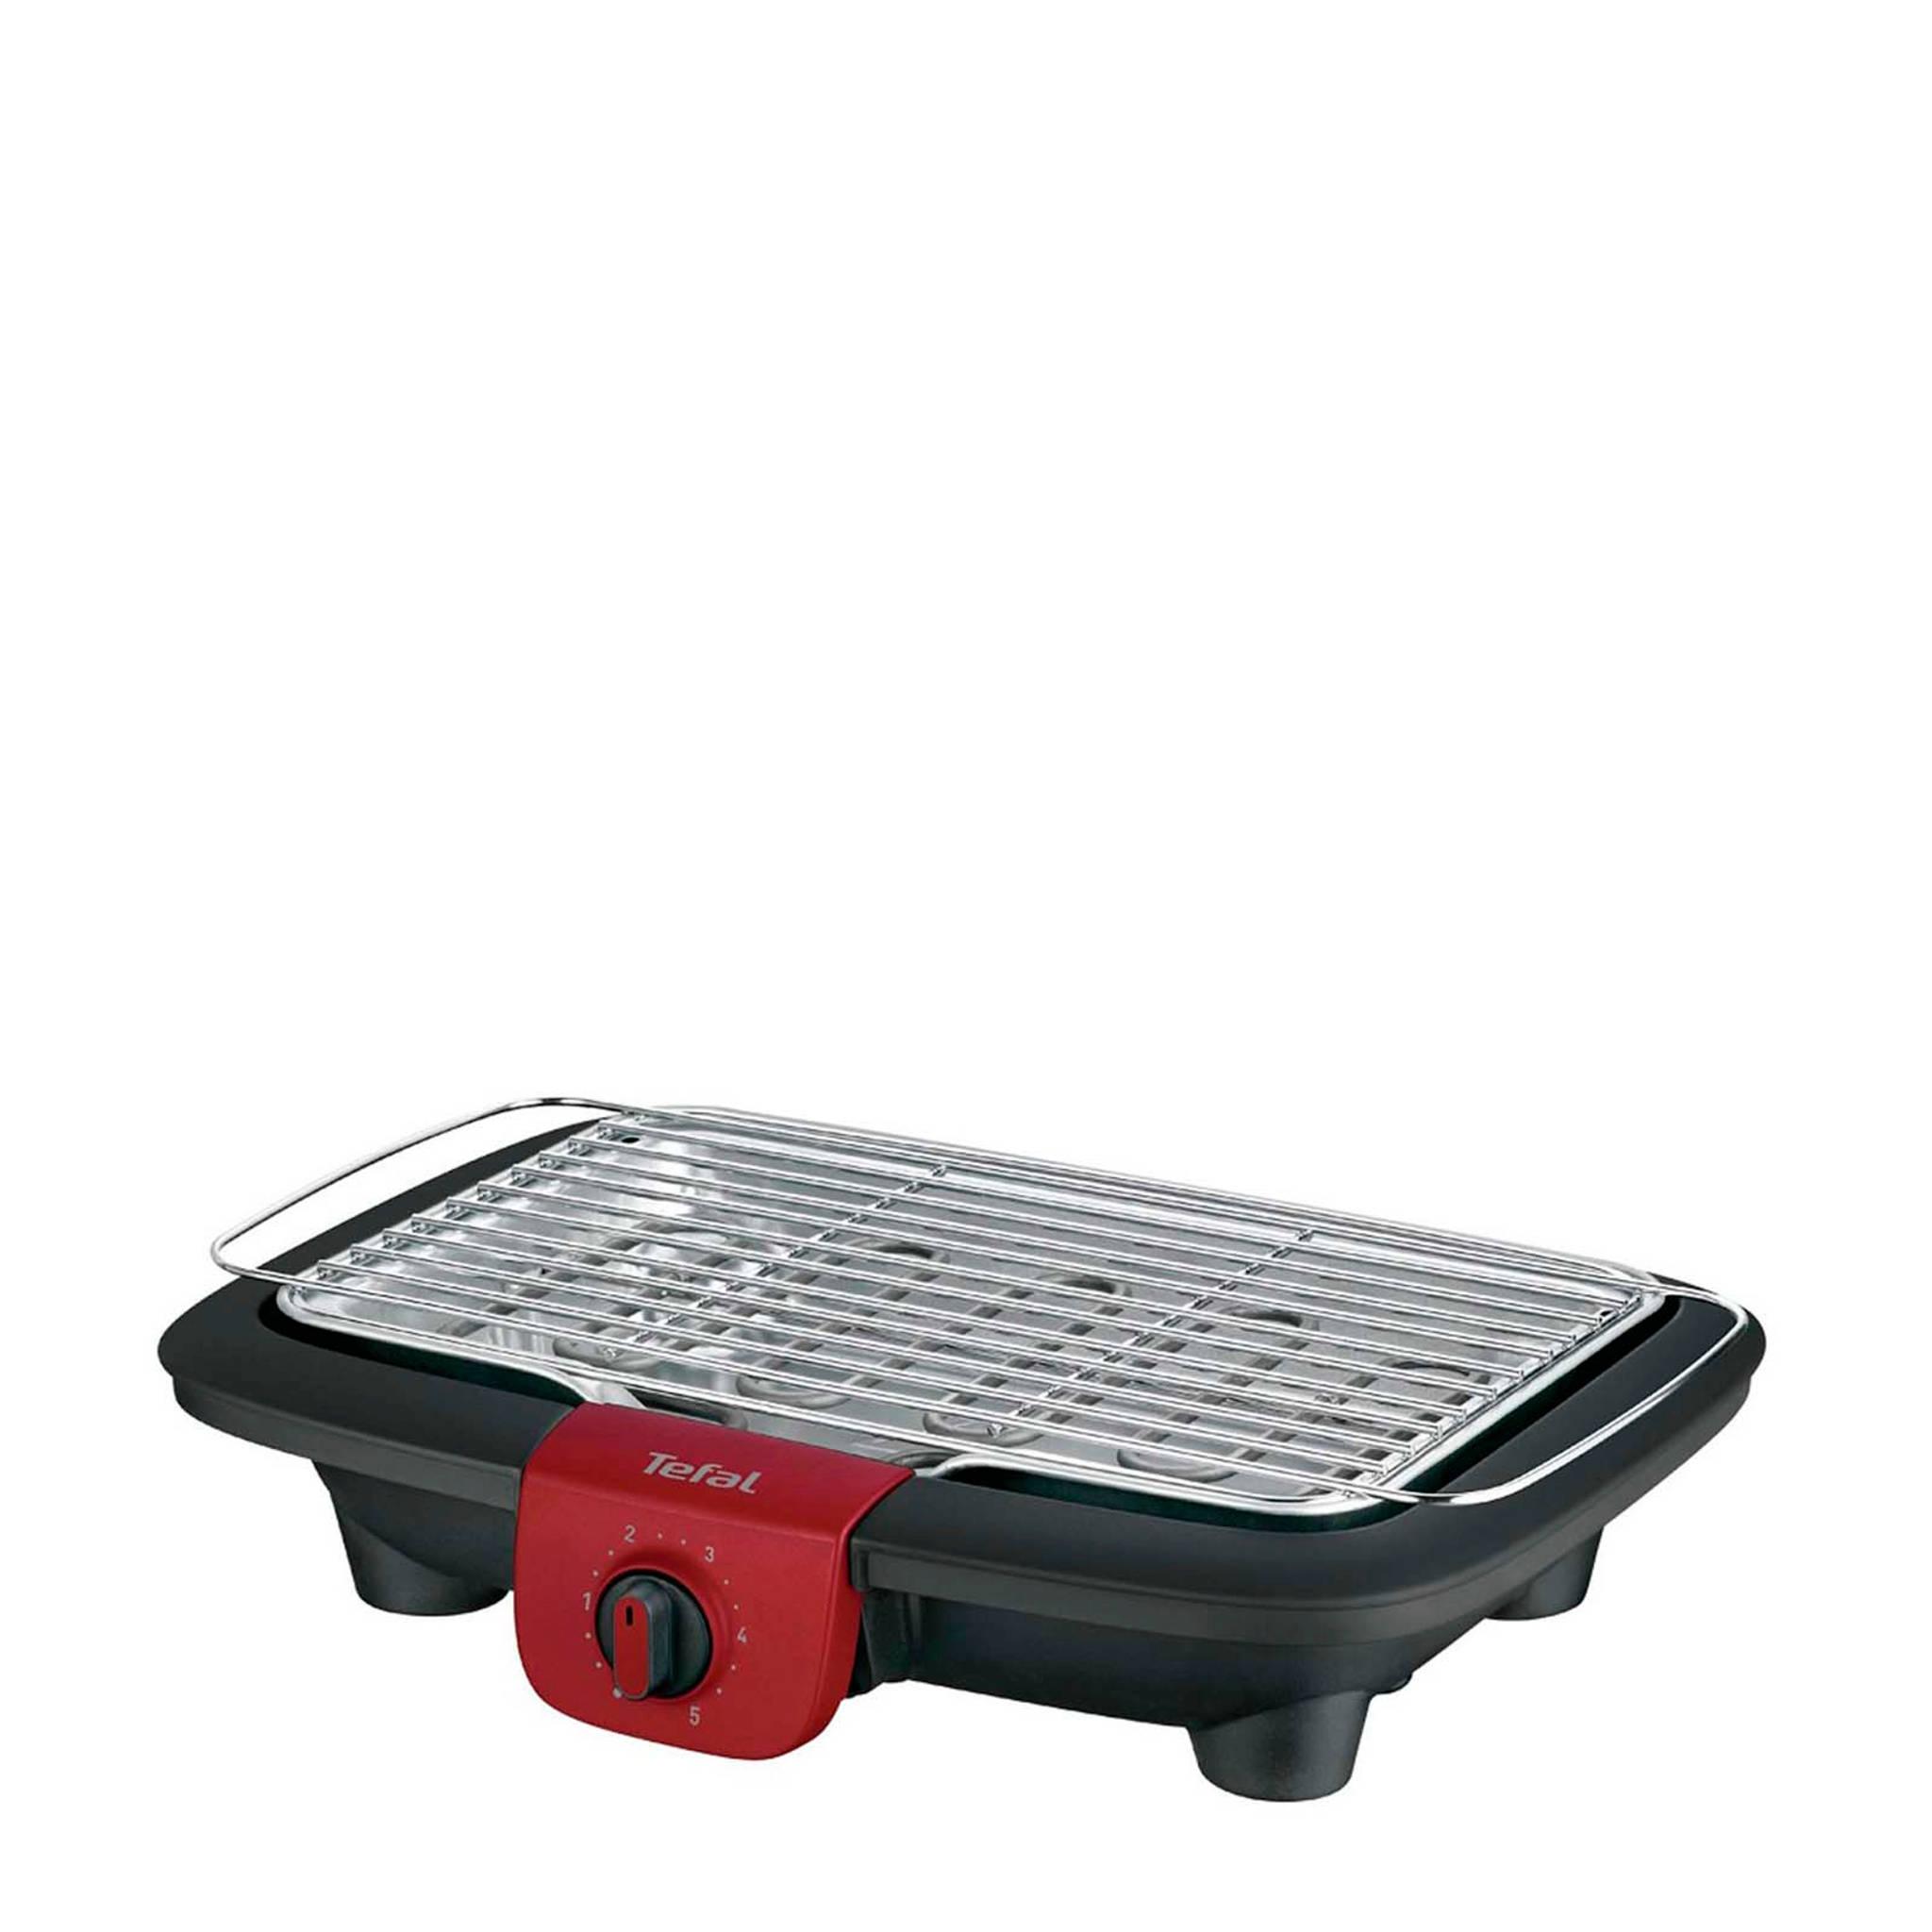 Elektrische Barbecue Tefal.Easygrill Bg90f5 Elektrische Barbecue Met Onderstel